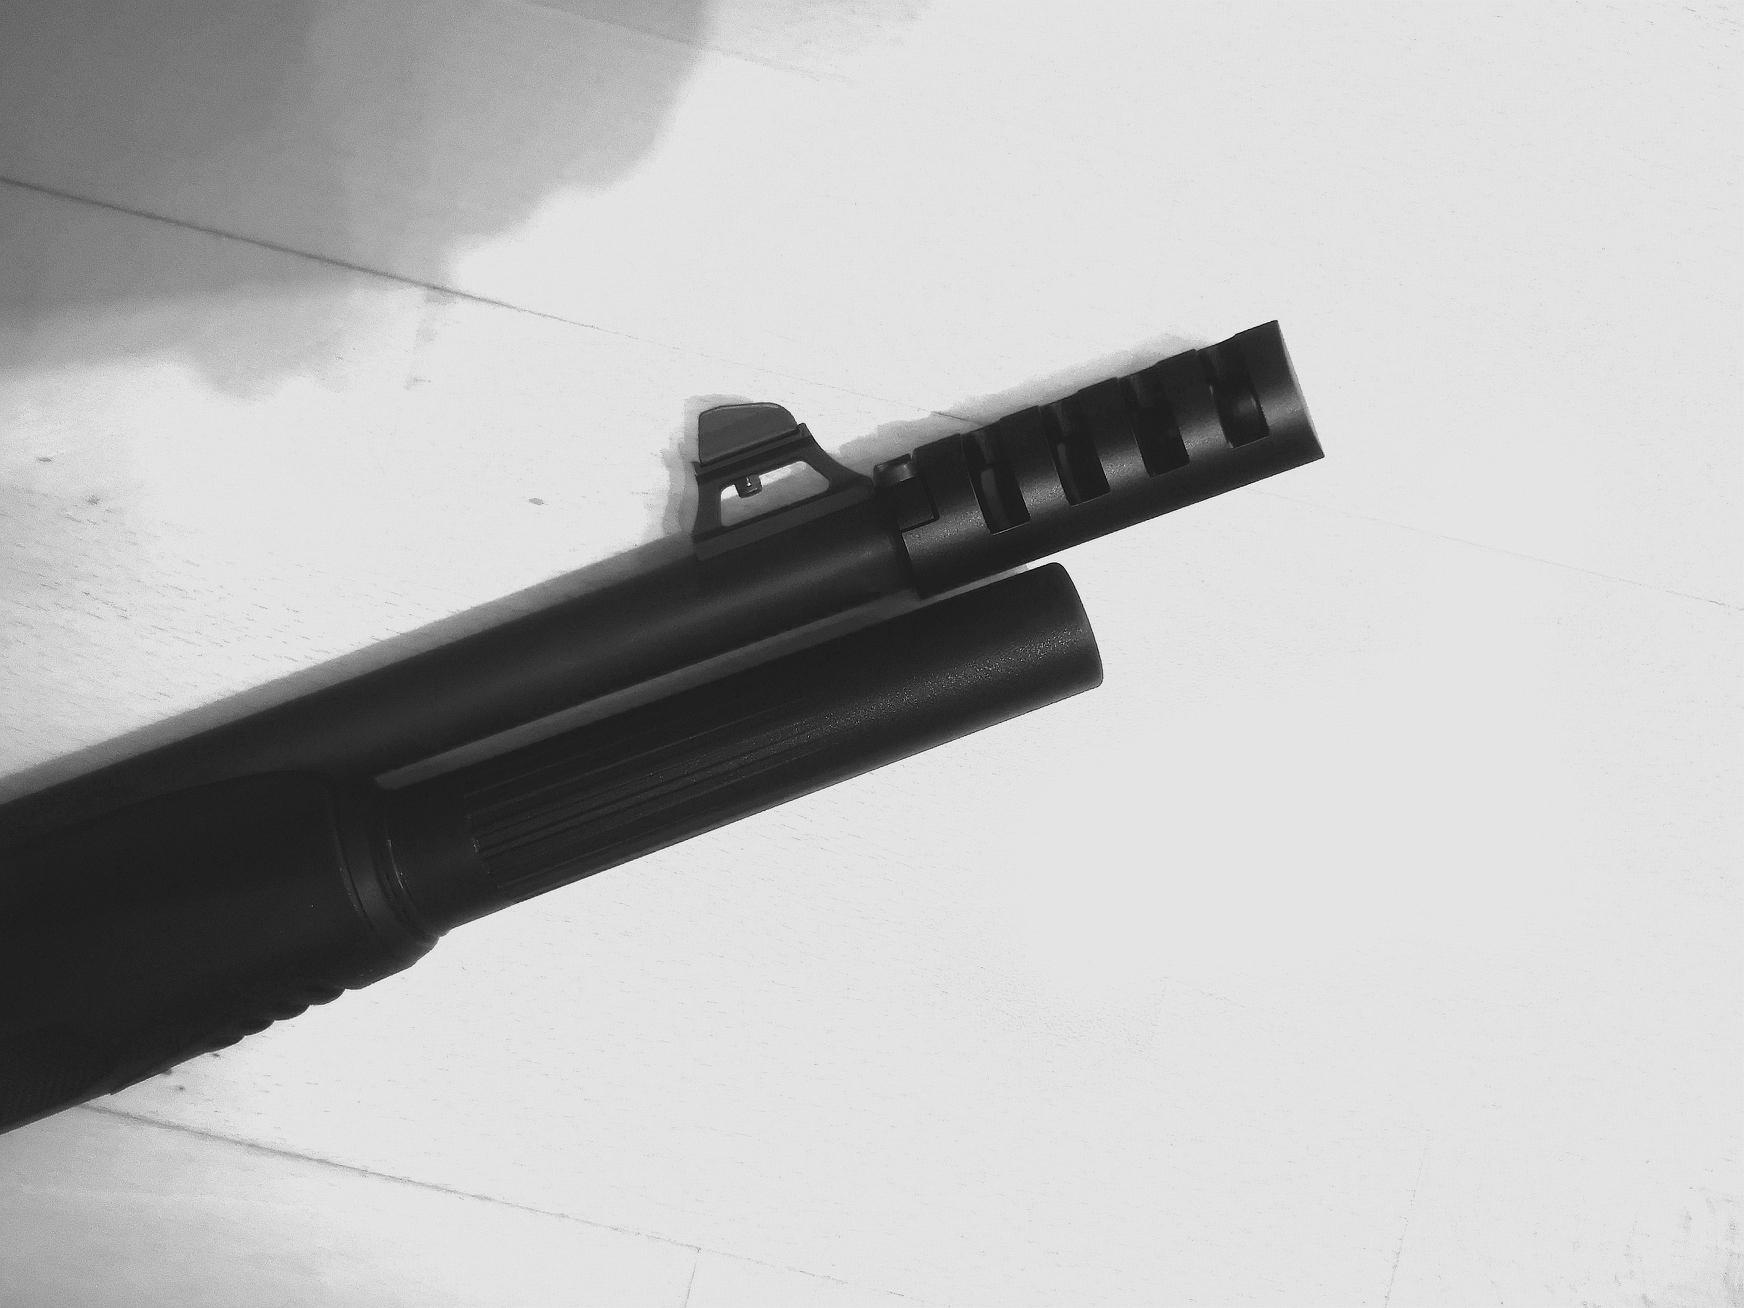 MFD Beretta 1301_06